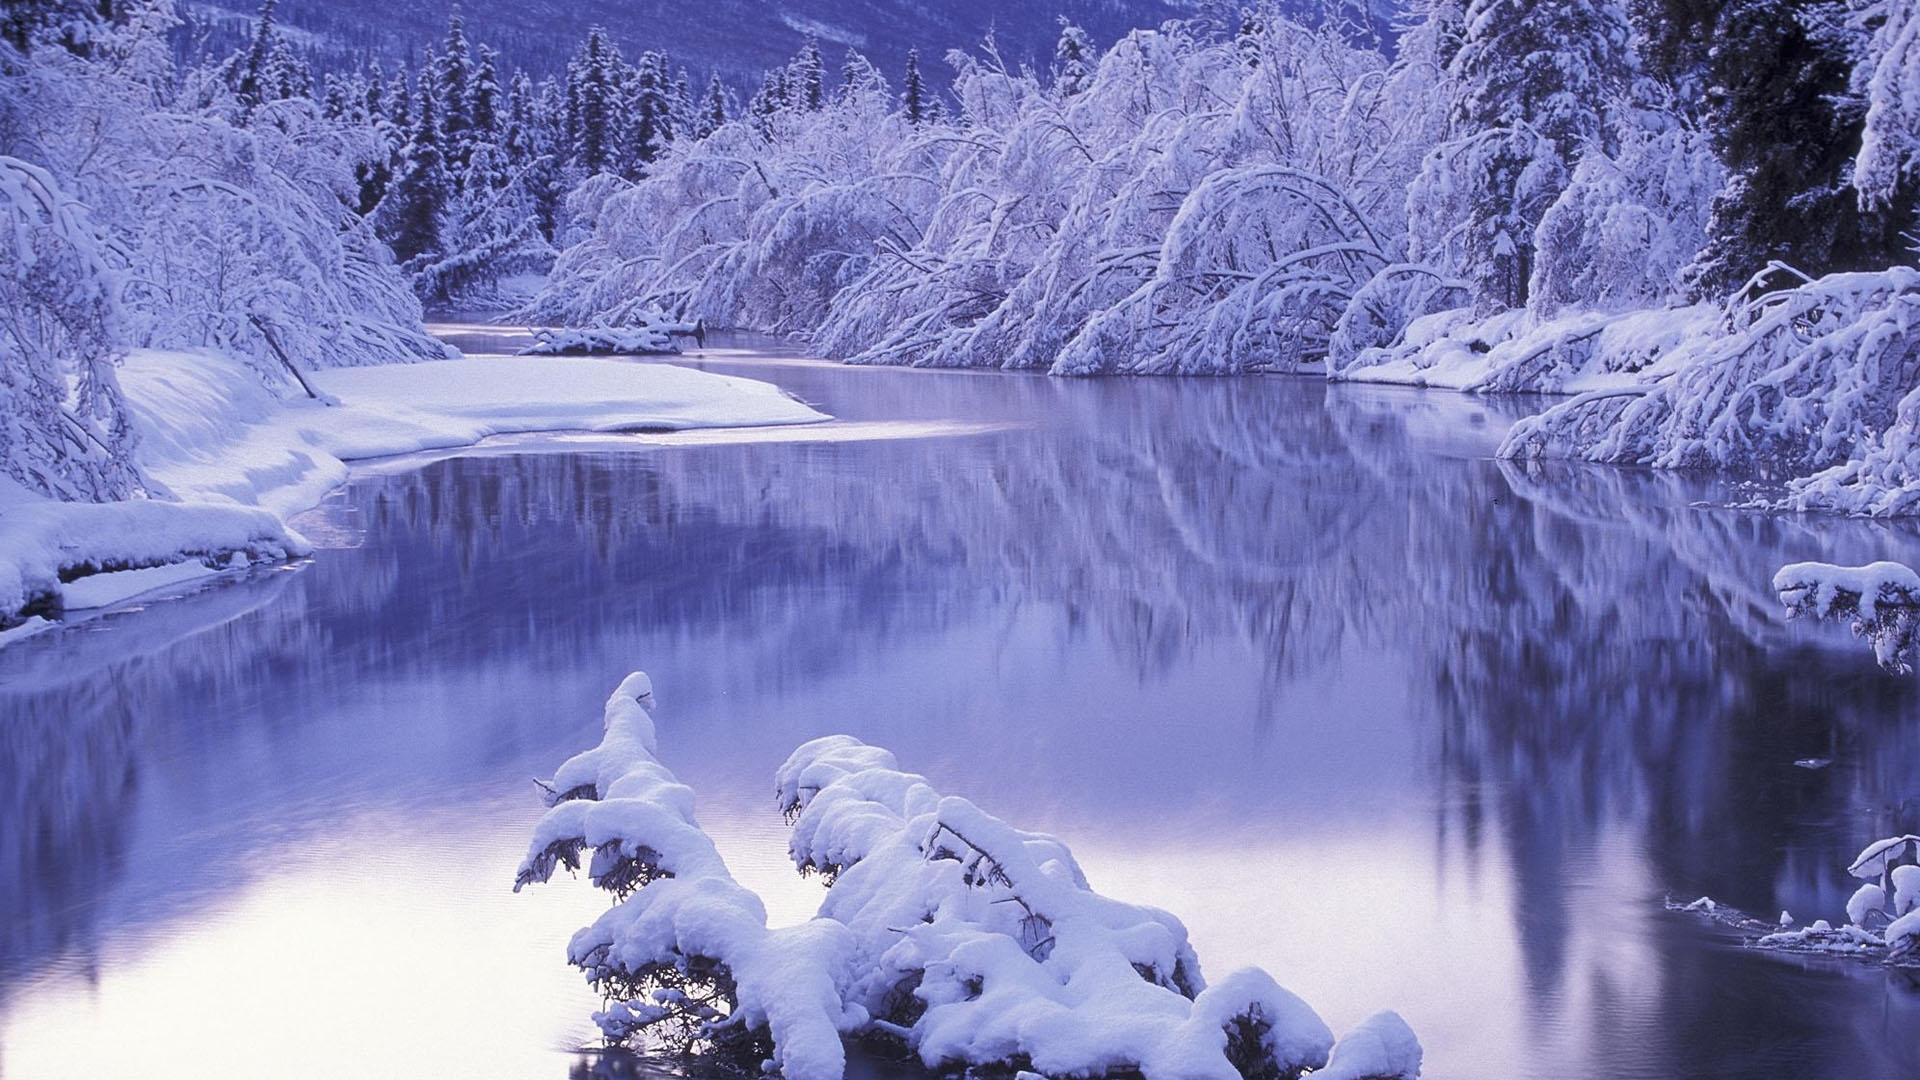 Hình nền mùa đông băng giá đẹp nhất